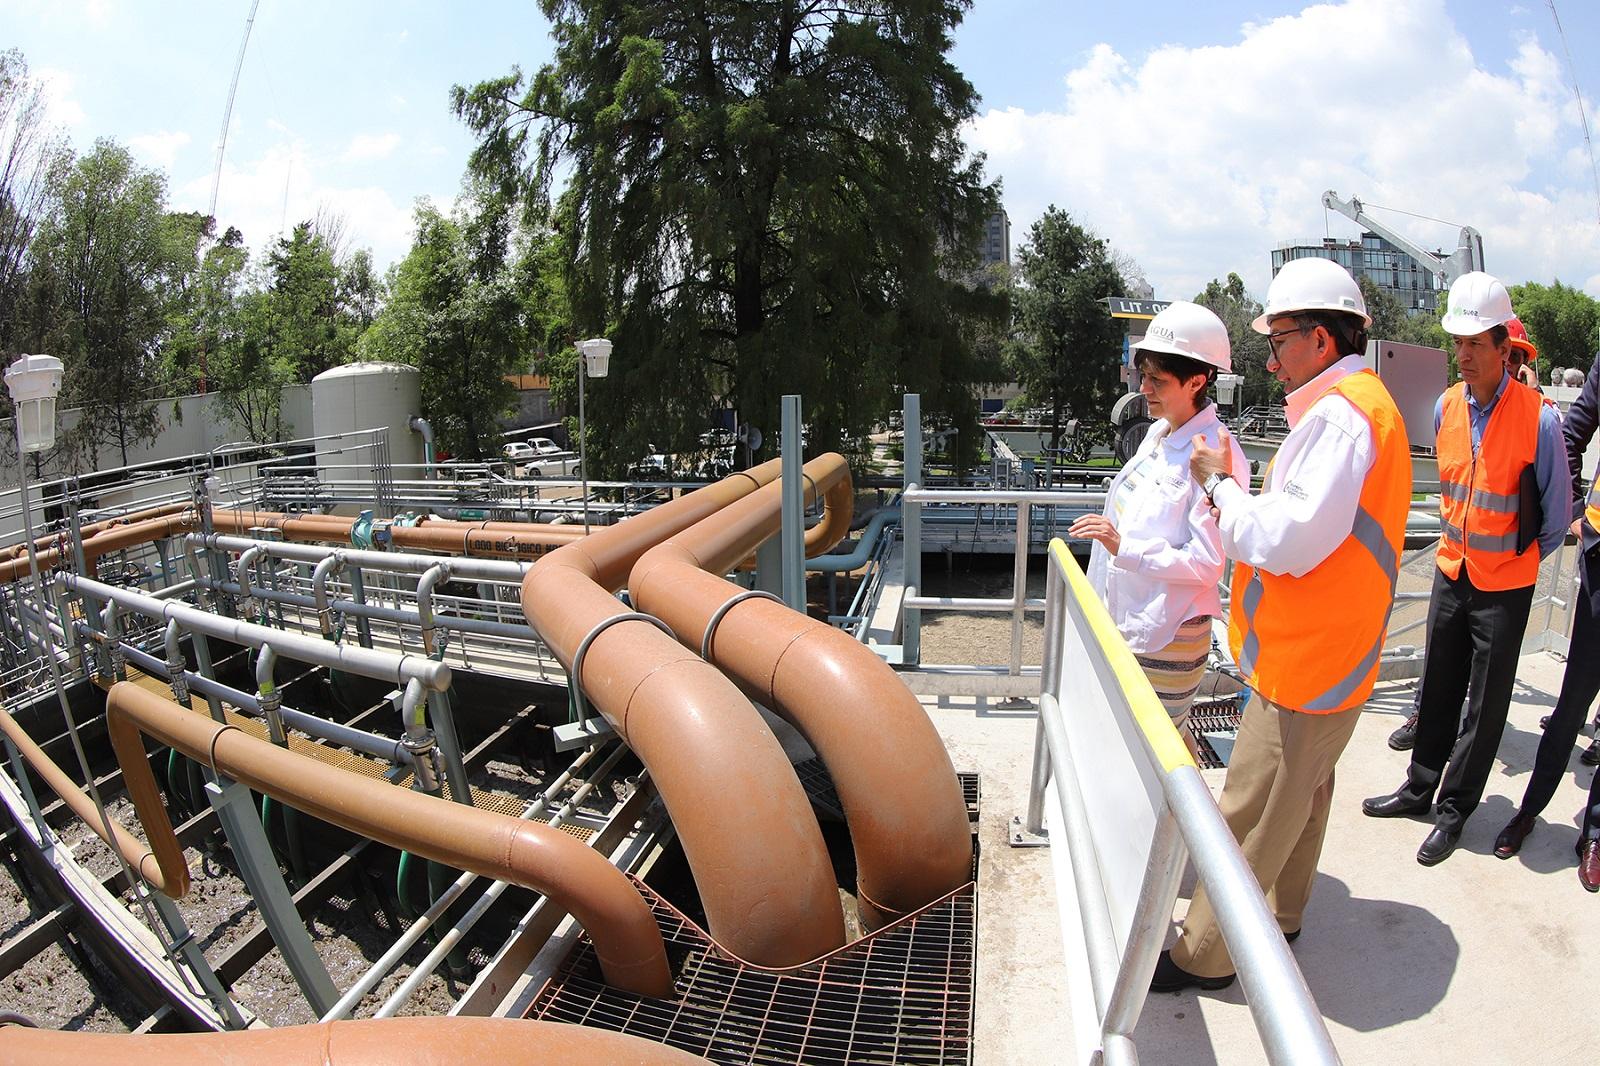 La Planta de Tratamiento de Aguas Residuales Chapultepec fue sometida a un proceso de modernización, con el fin de que brinde mejor servicio a la Ciudad de México.